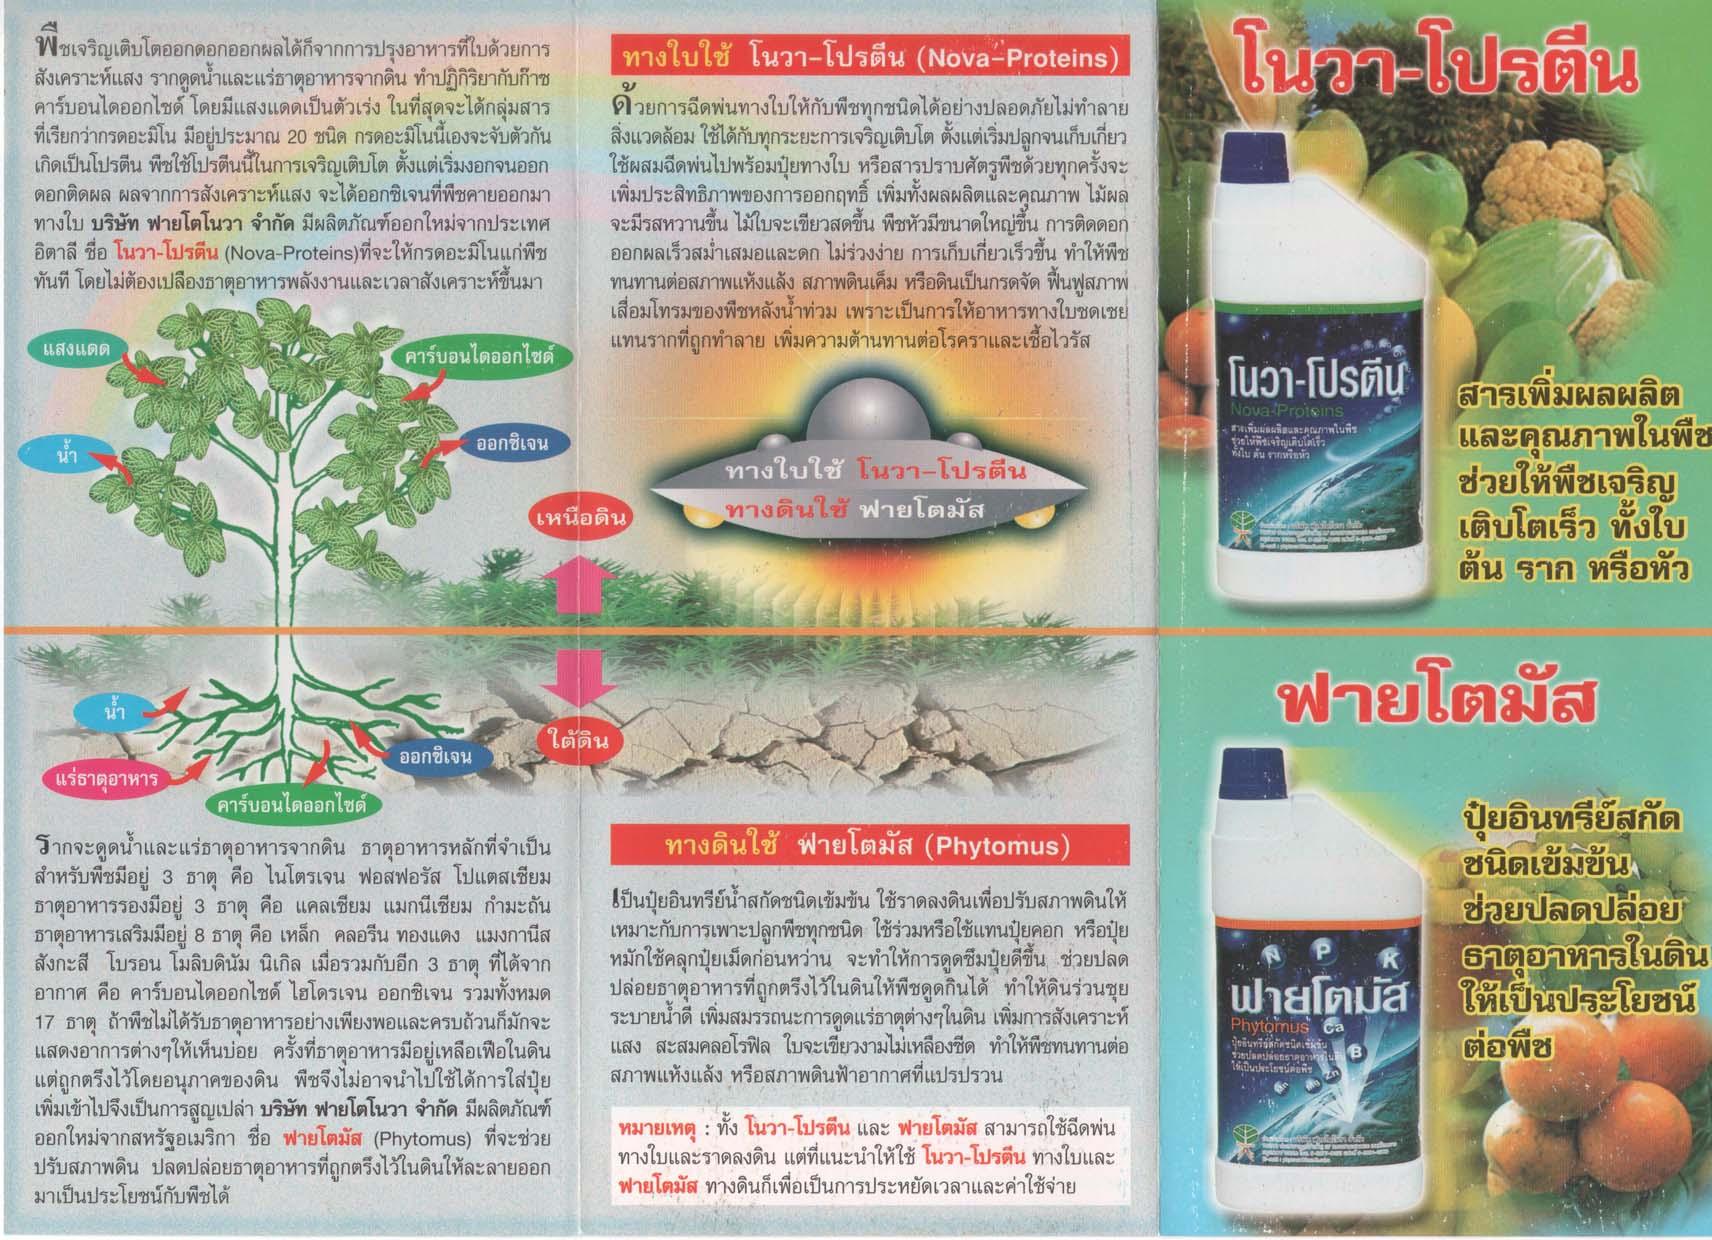 แผ่นพับรายละเอียดฟายโตโนวา-โปรตีน และฟายโตมัส